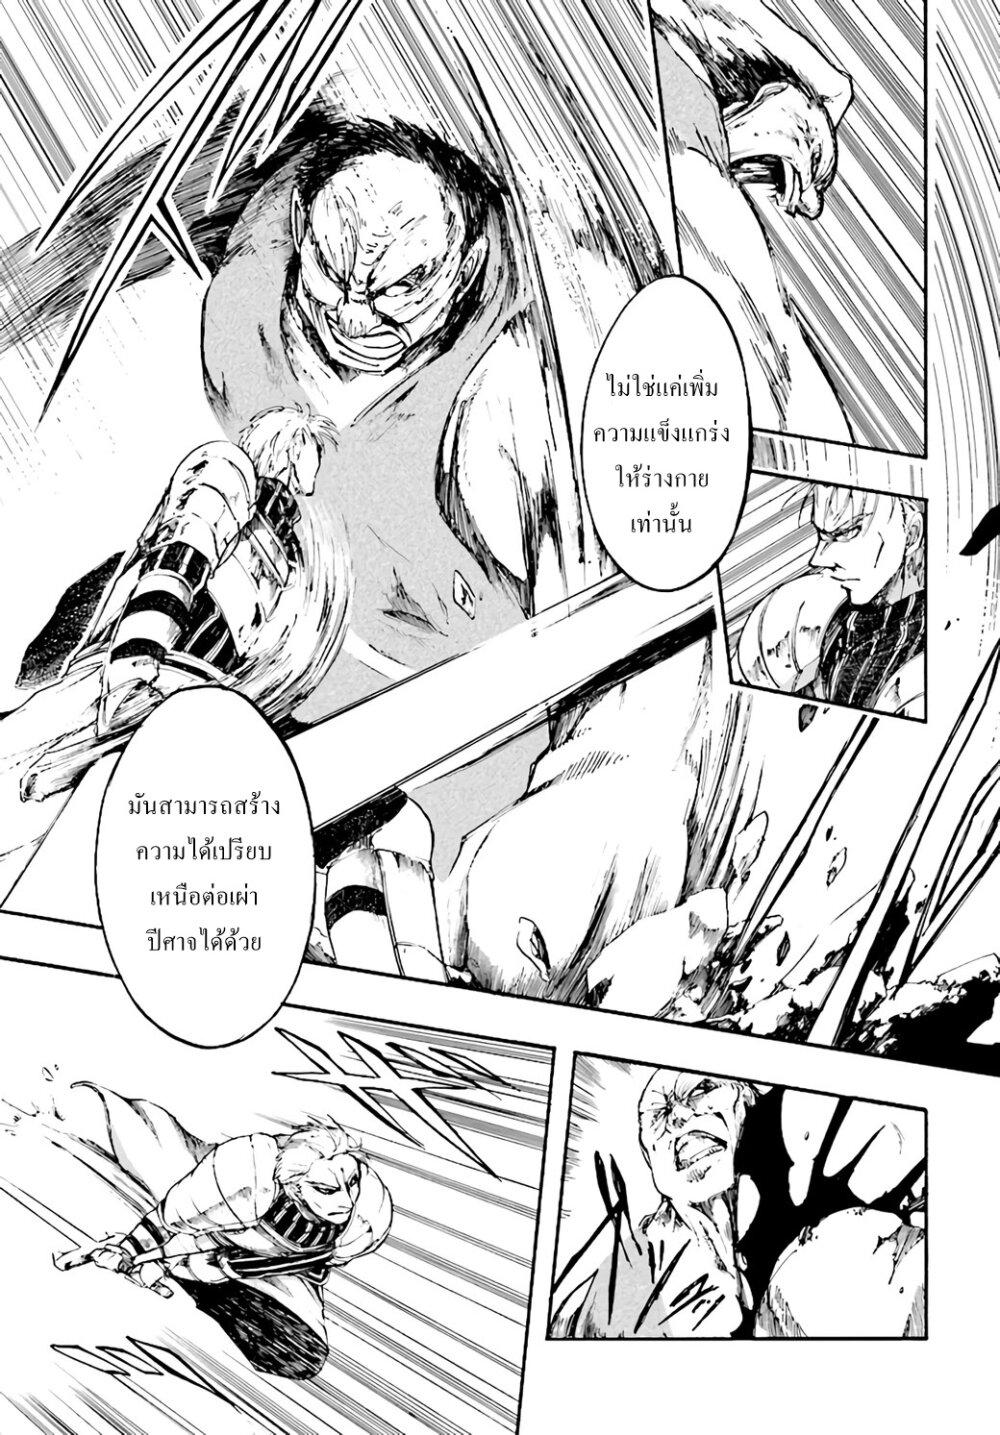 อ่านการ์ตูน Isekai Apocalypse MYNOGHRA ~The Conquest of the World Starts With the Civilization of Ruin~ ตอนที่ 6 หน้าที่ 28